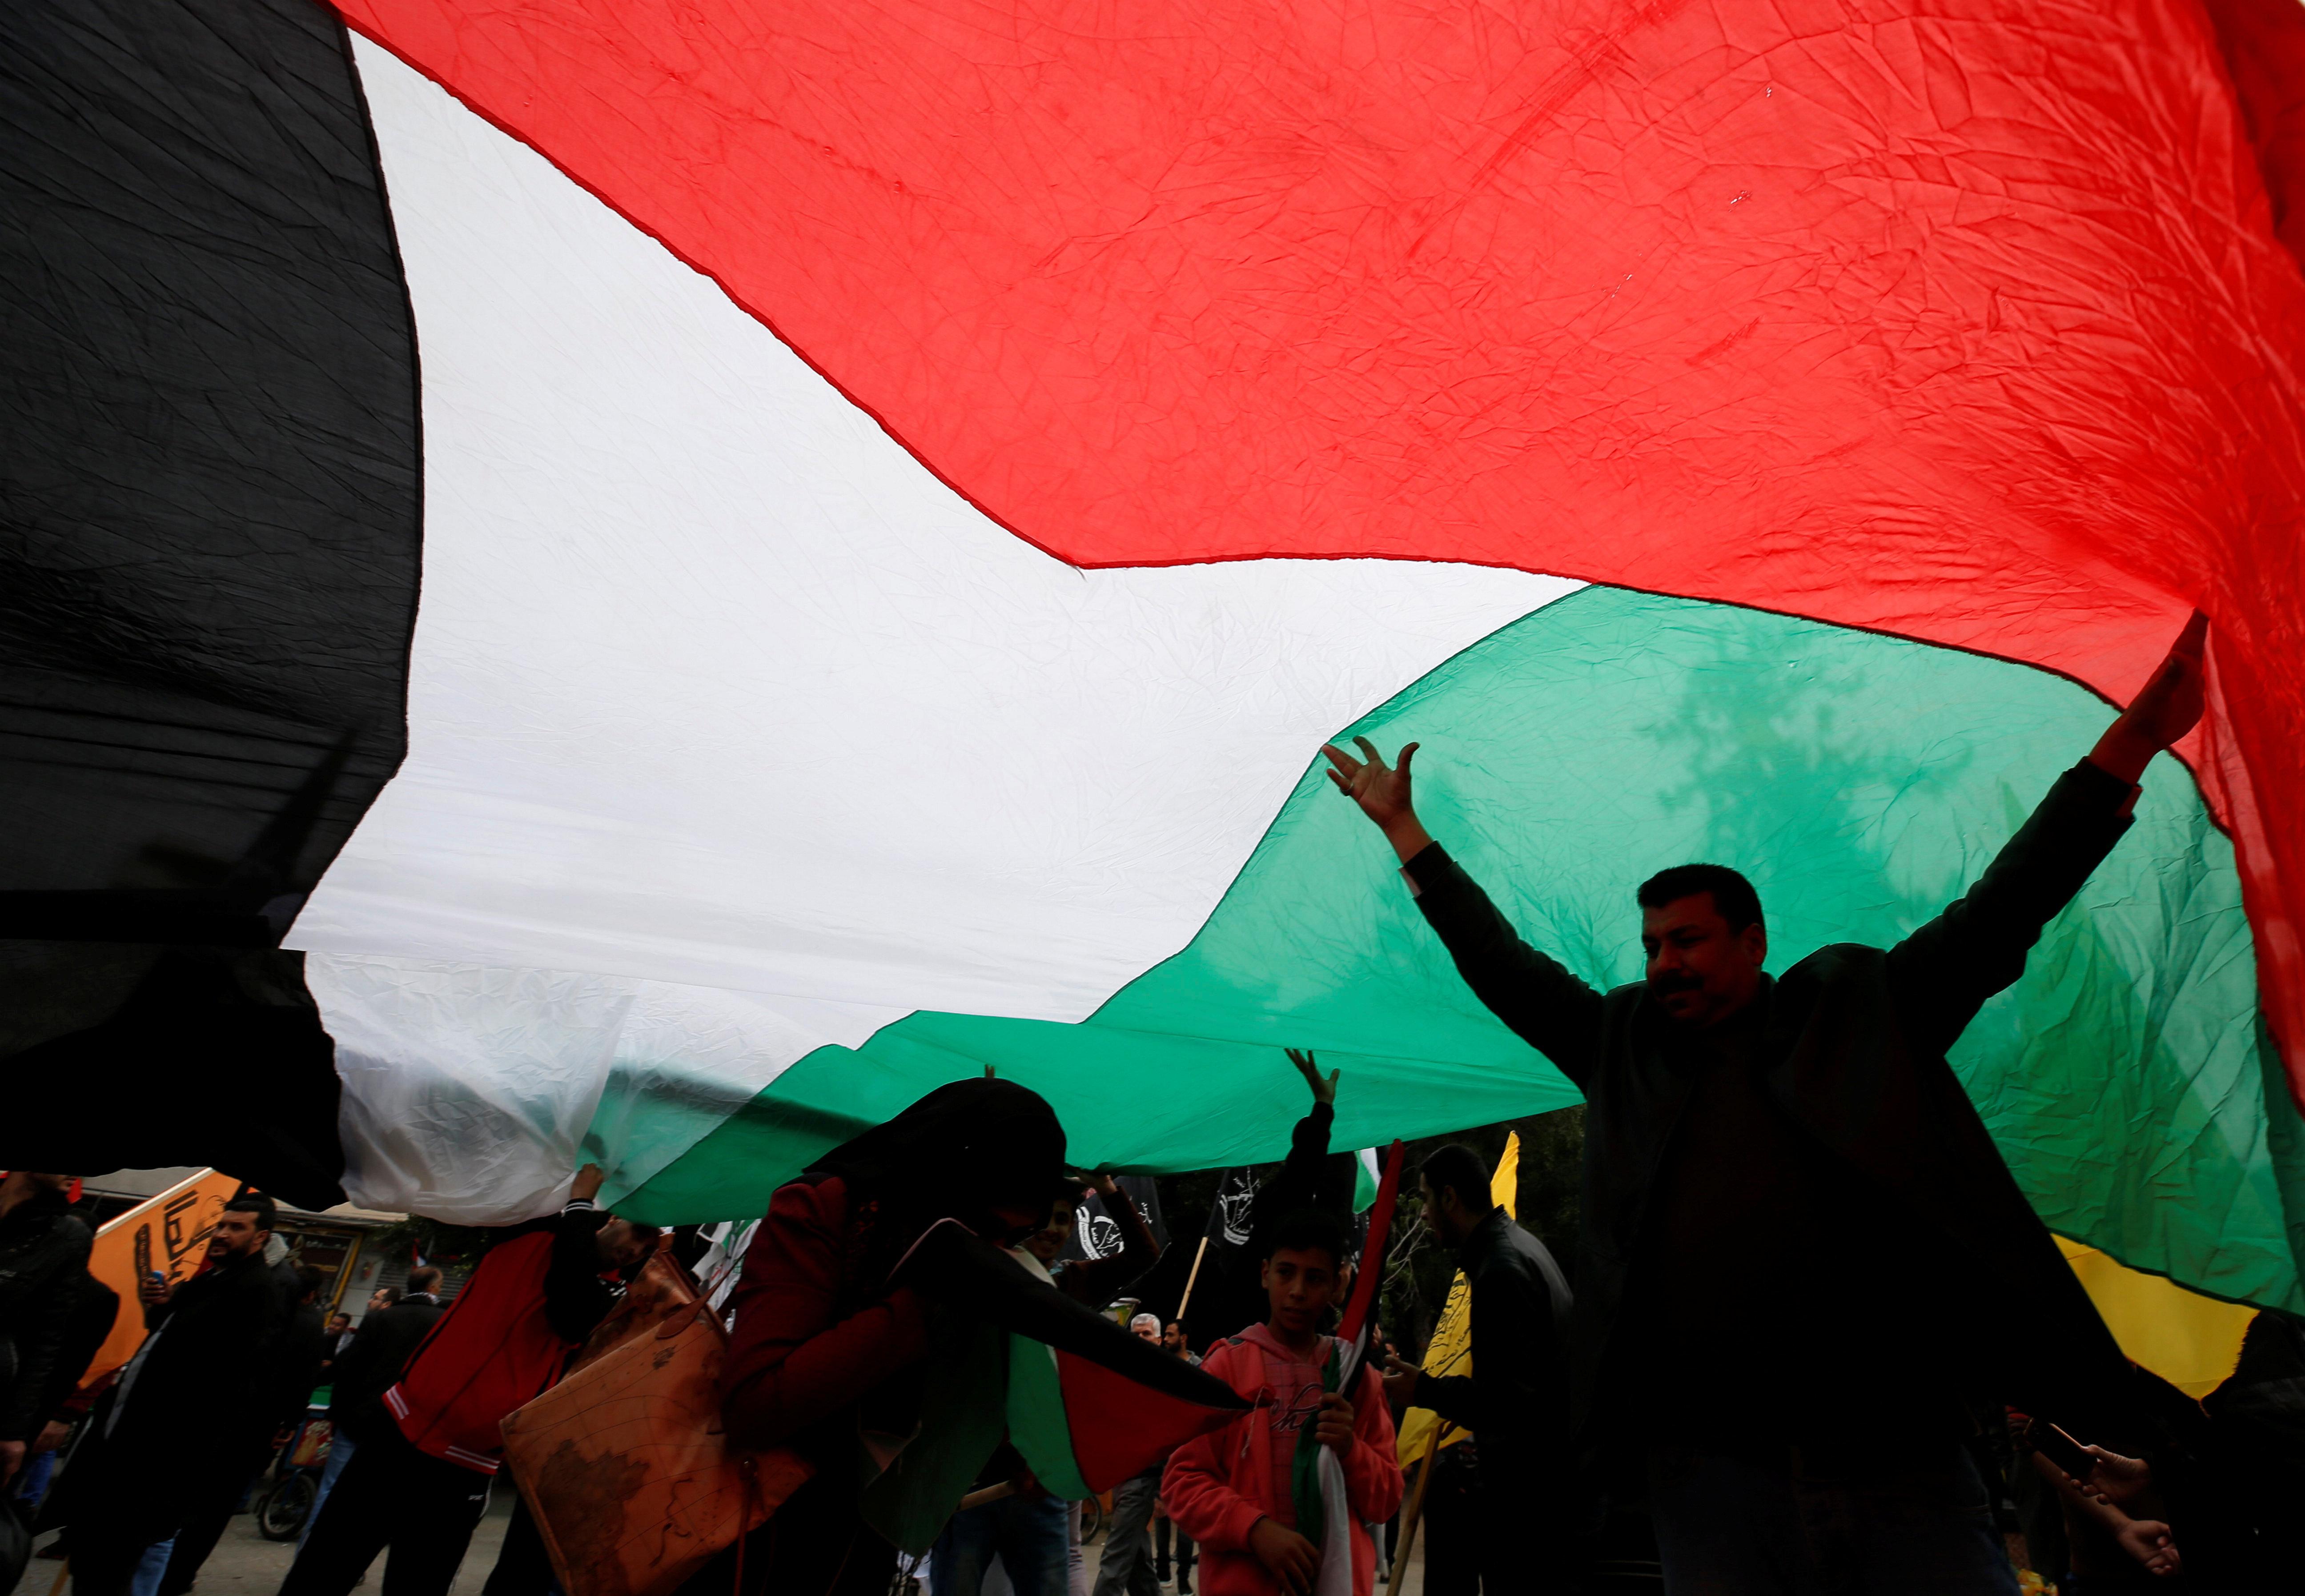 ΓΣ του ΟΗΕ: Καταδίκη του Ισραήλ για αλόγιστη χρήση βίας σε βάρος Παλαιστινίων και απόρριψη του αιτήματος καταδίκης της